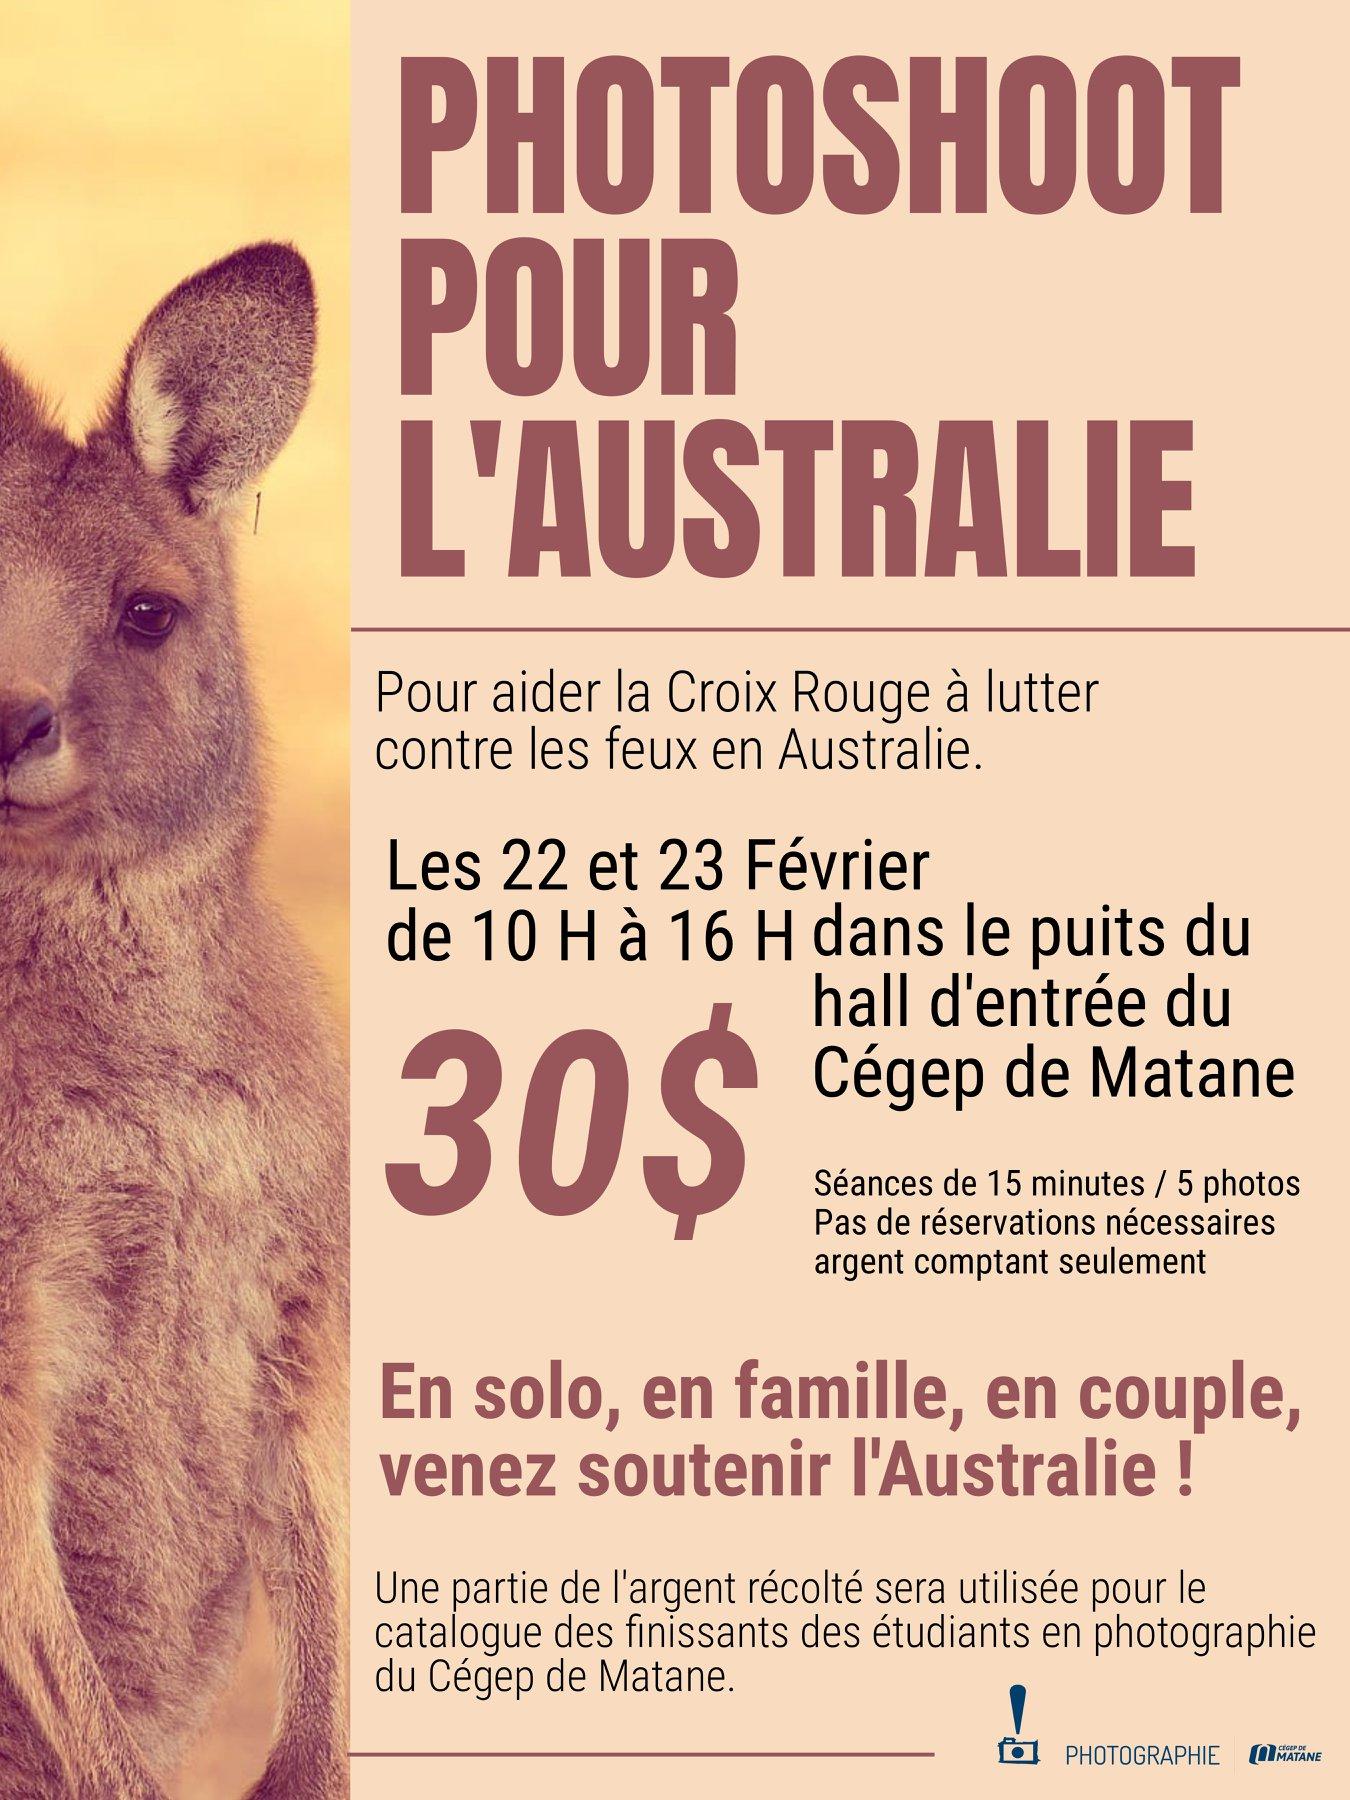 affiche pour photoshoot pour l'Australie